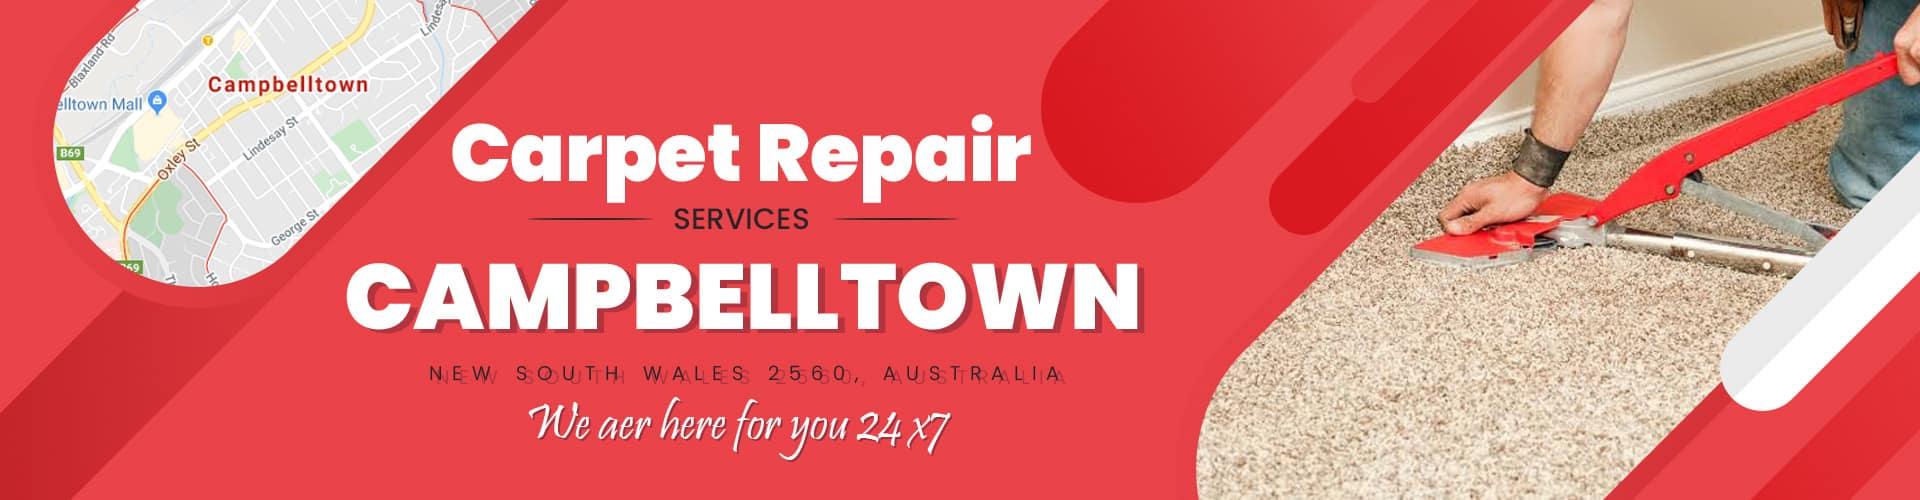 Carpet Repair Campbelltown